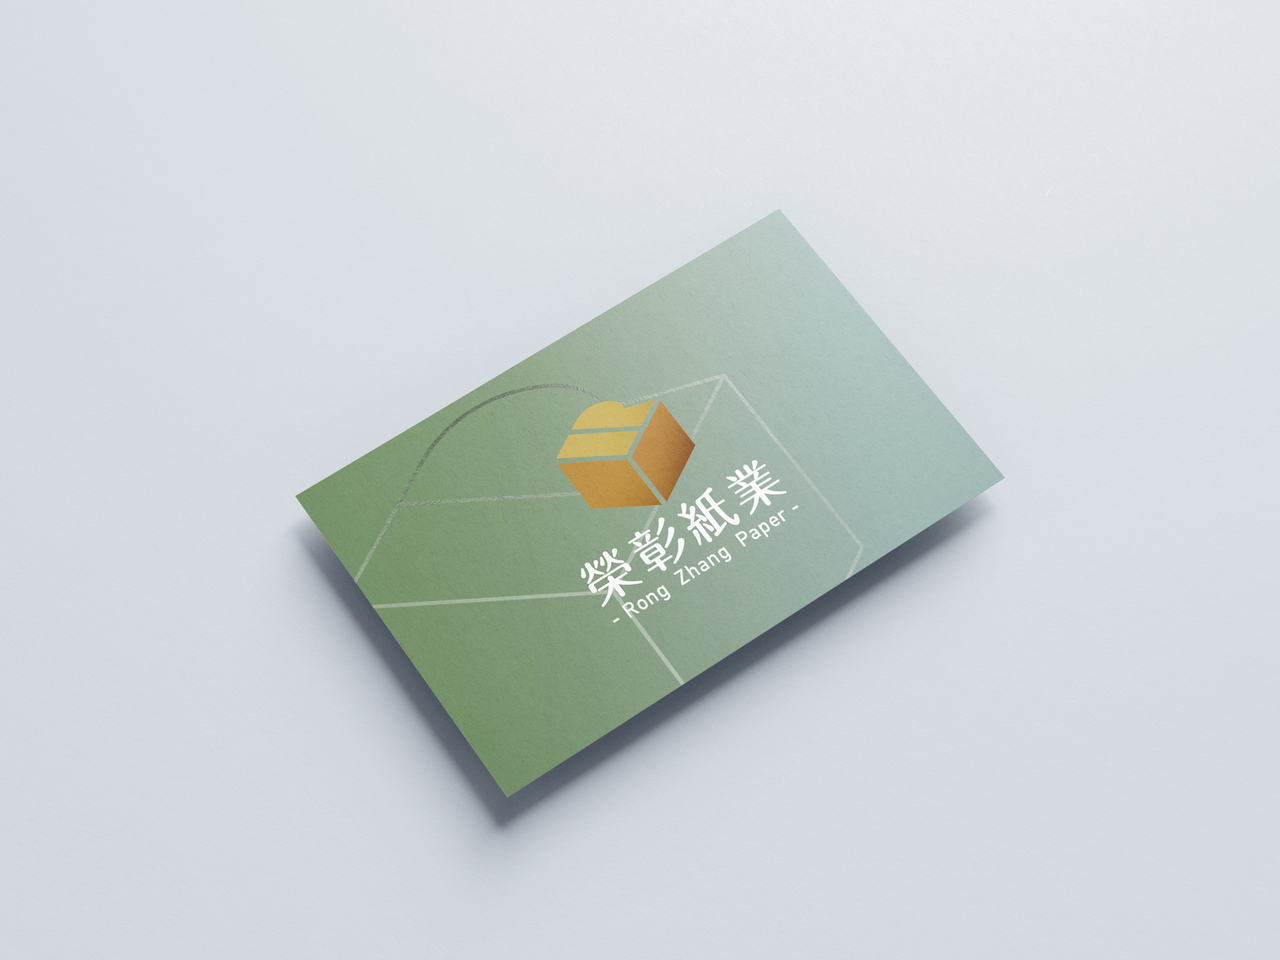 榮彰紙業 | LOGO、名片設計